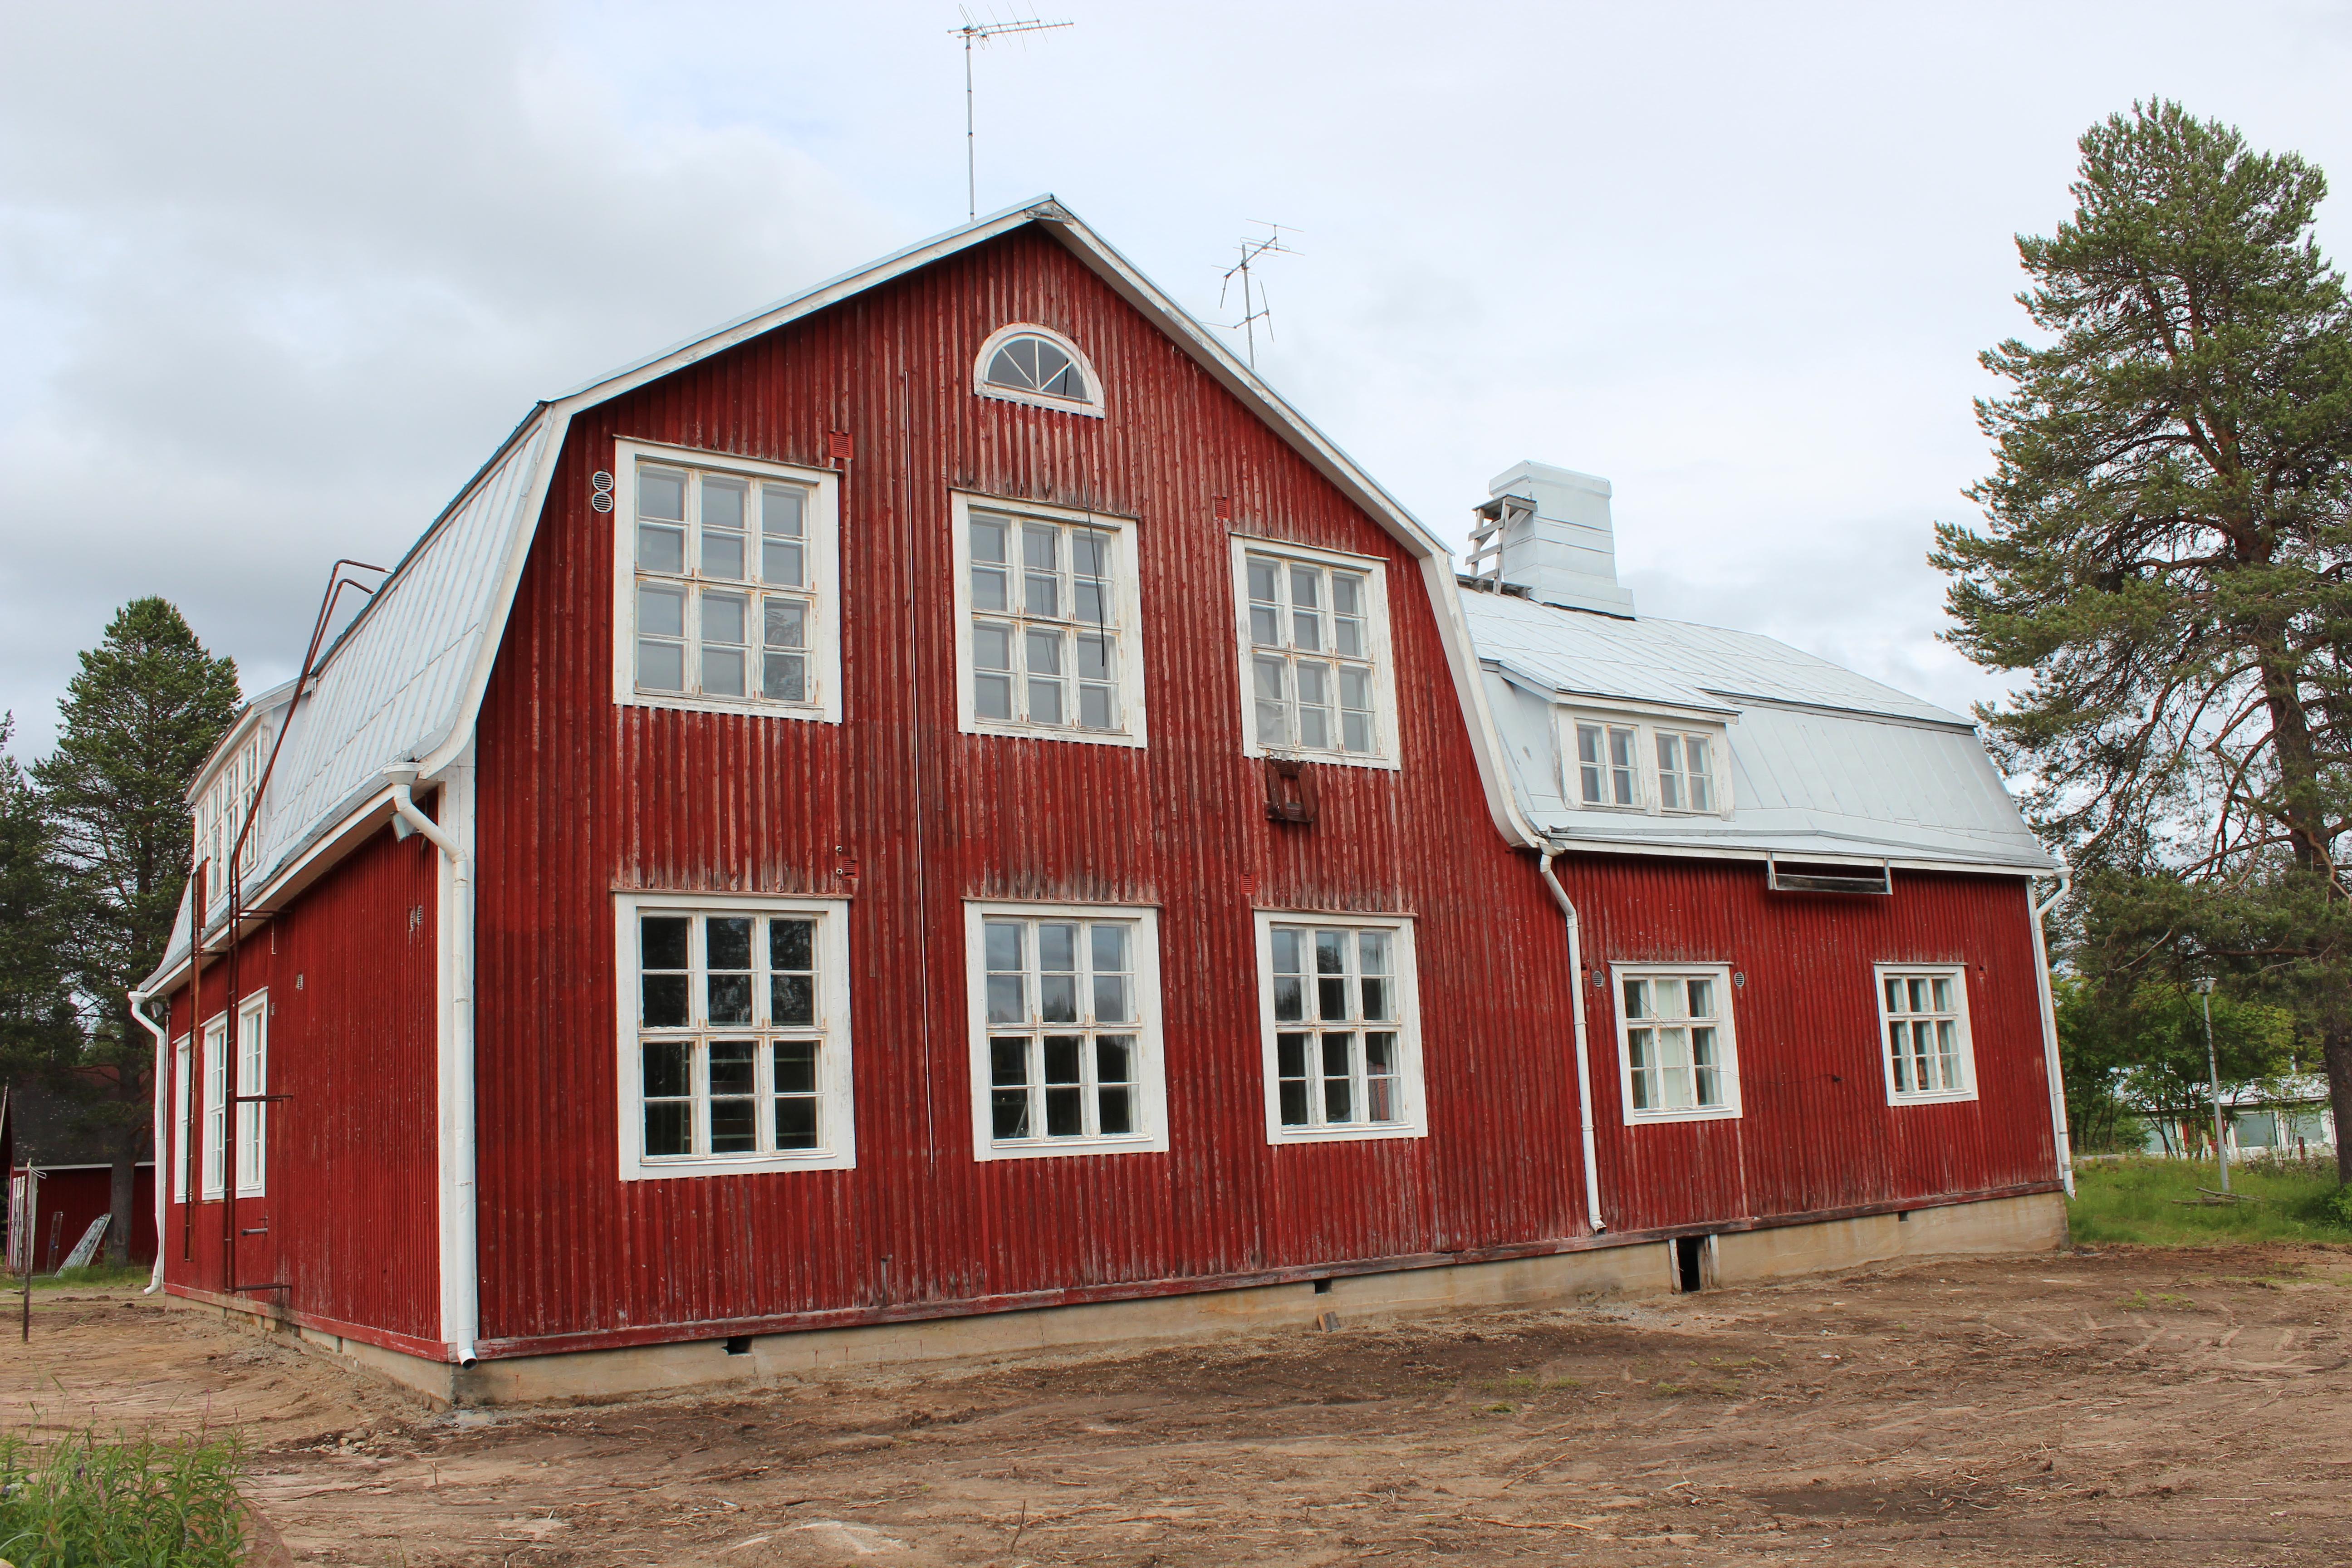 Tapionniemen koulu tarjoaa monipuoliset tilat kyläseuran toiminnalle.